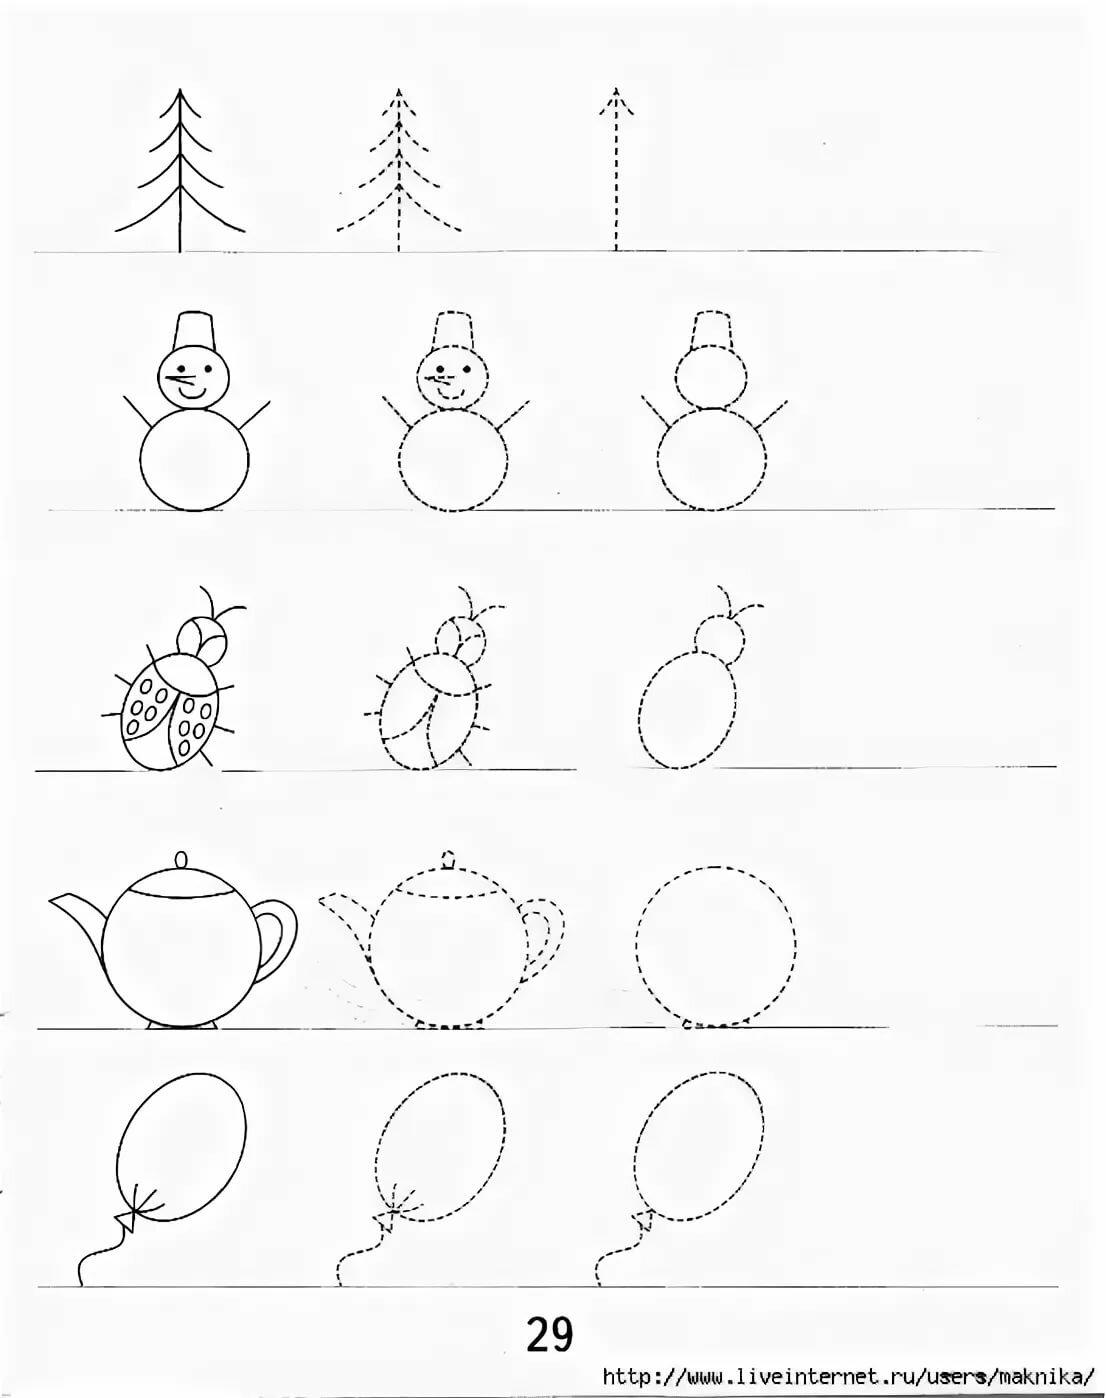 Развивающие картинки для детей 5-6 лет распечатать, тетрадь смерти для